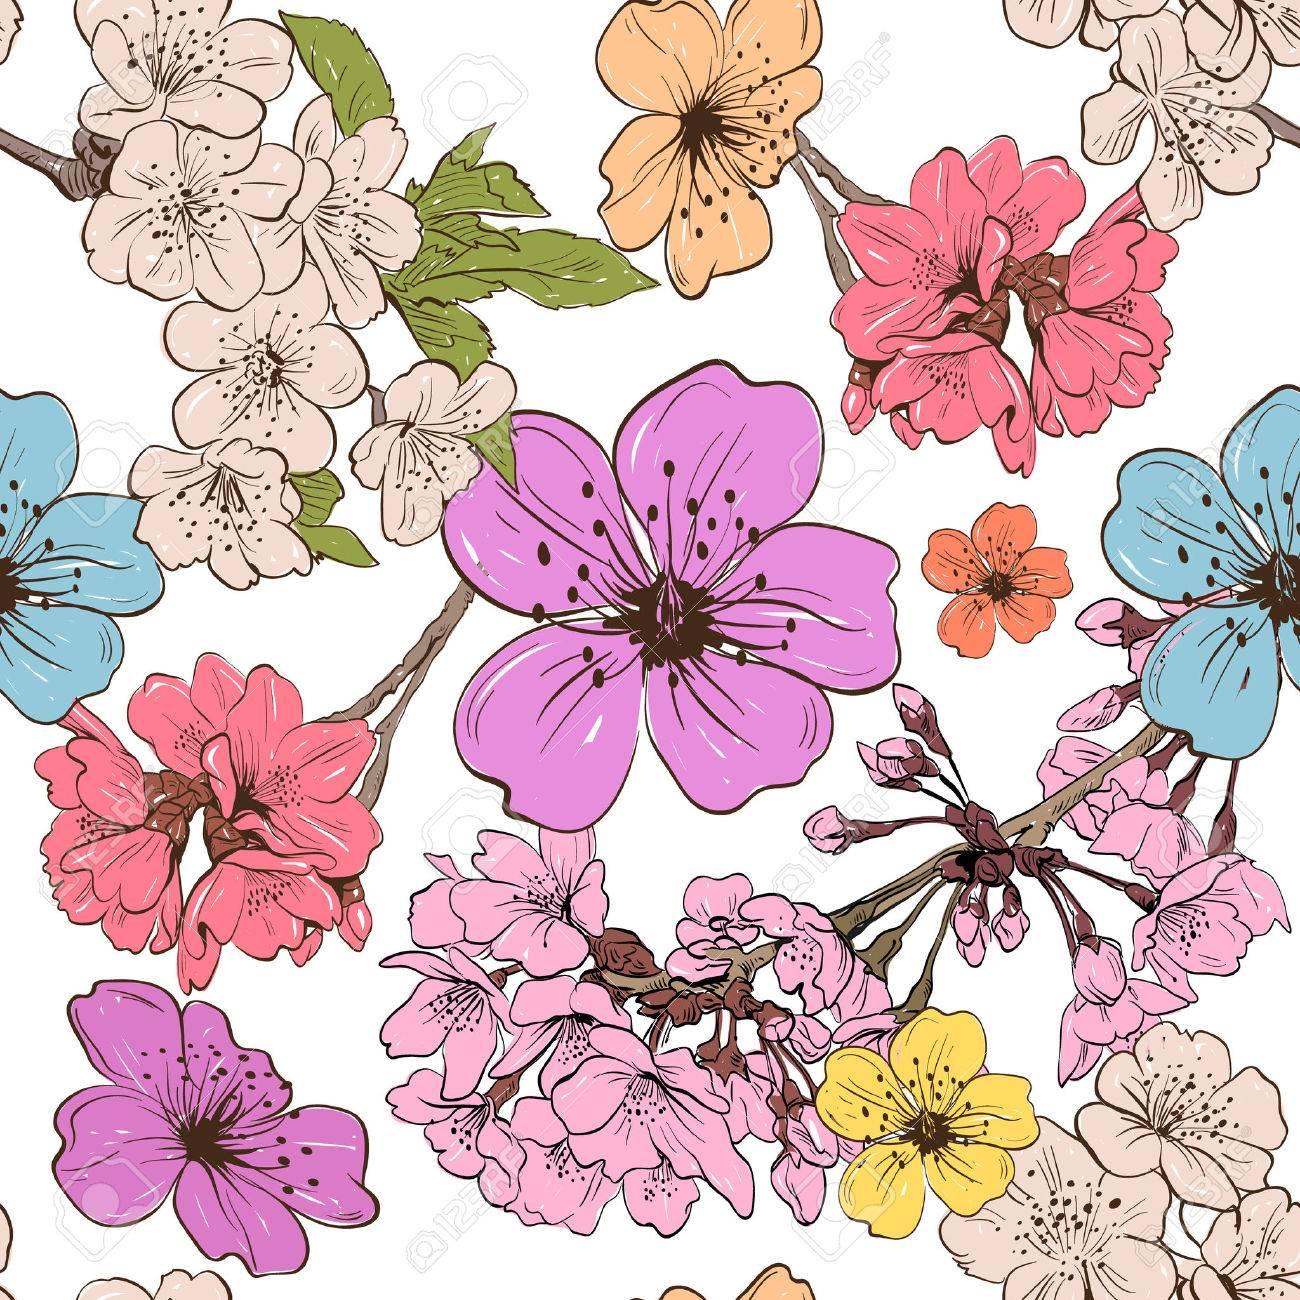 アップル花飾りパターンの背景ベクトル イラストのイラスト素材